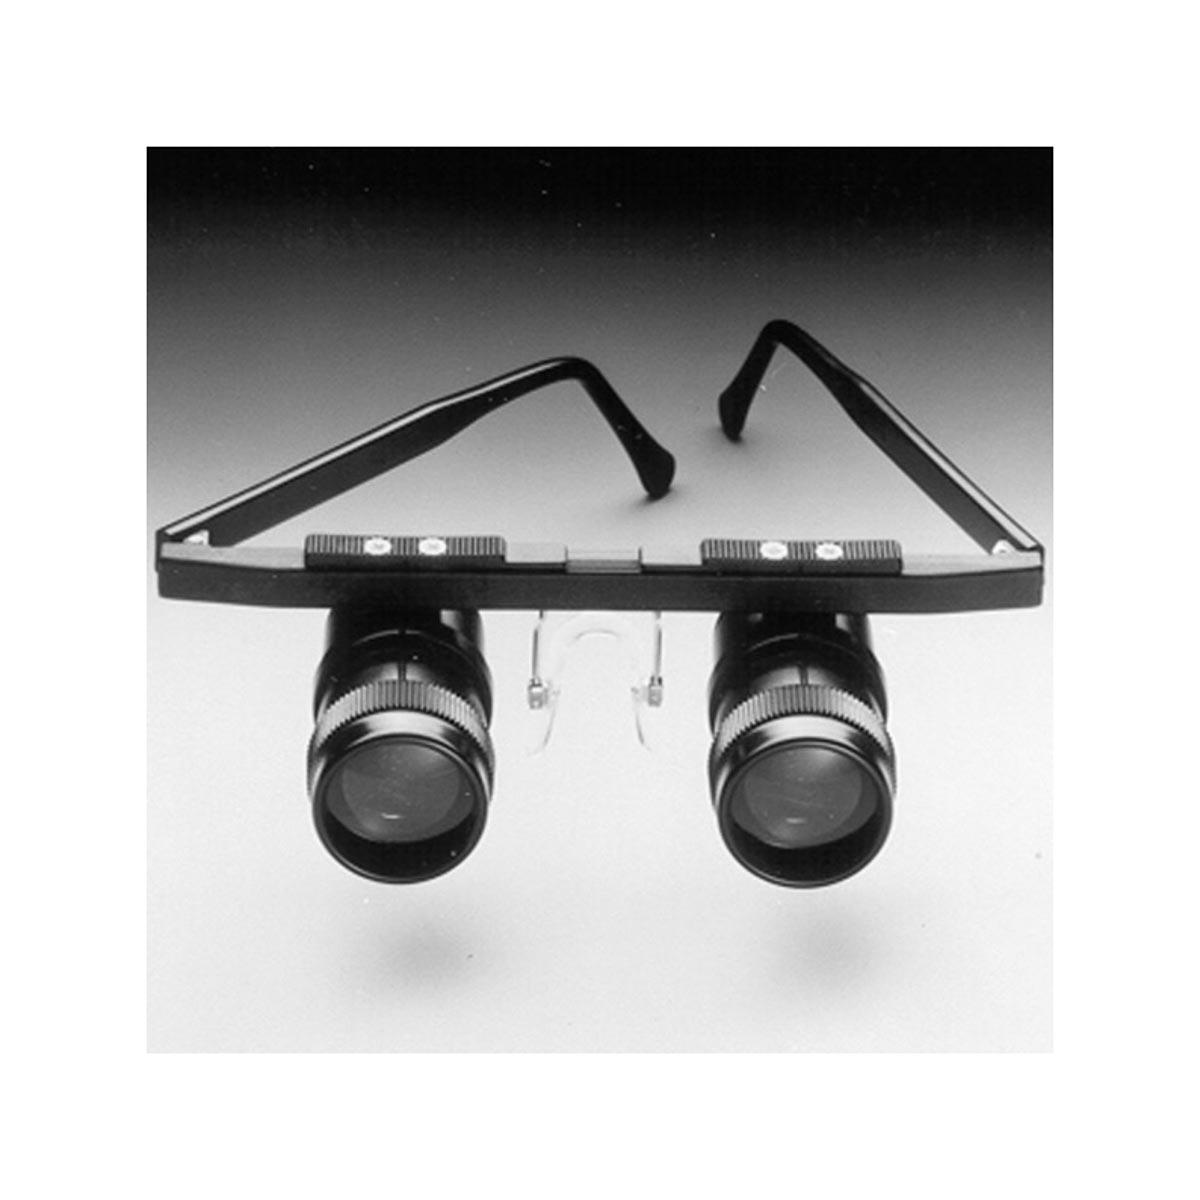 Eschenbach occhiale telescopico